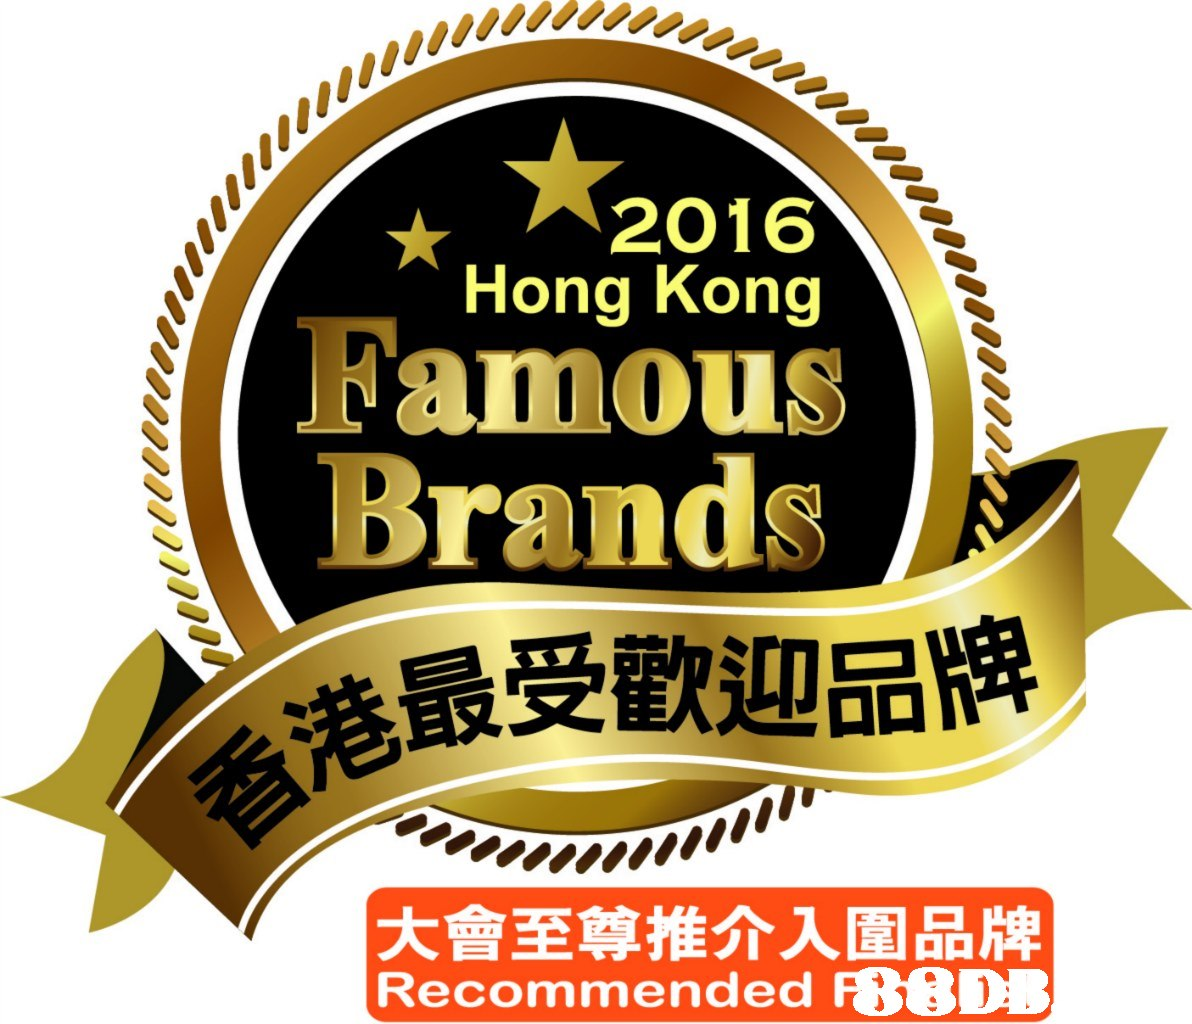 2016 Hong Kong Famous Brands 港最受歡迎品牌 大會至尊推介入圍品牌 Recommended F8DB  text